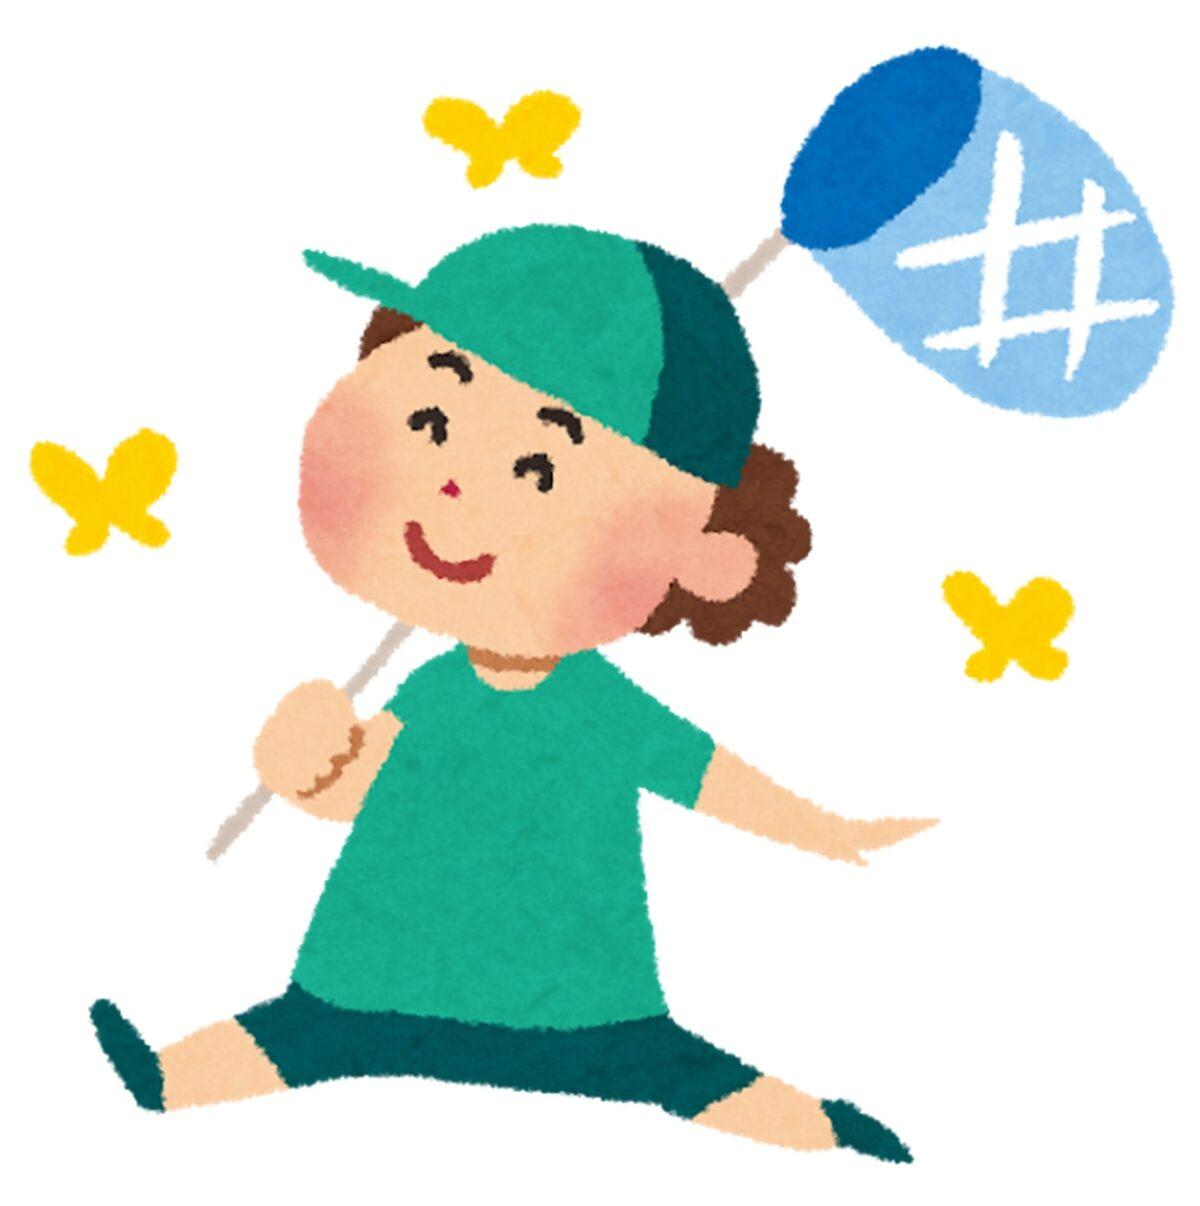 【2021.8/21(土)開催予定】堺市東区・絵の具やクレヨンで自由に描いてみよう☆東文化会館 夏休みこども1日体験教室『夏休みの思い出を描こう!』が開催されます※要申込: